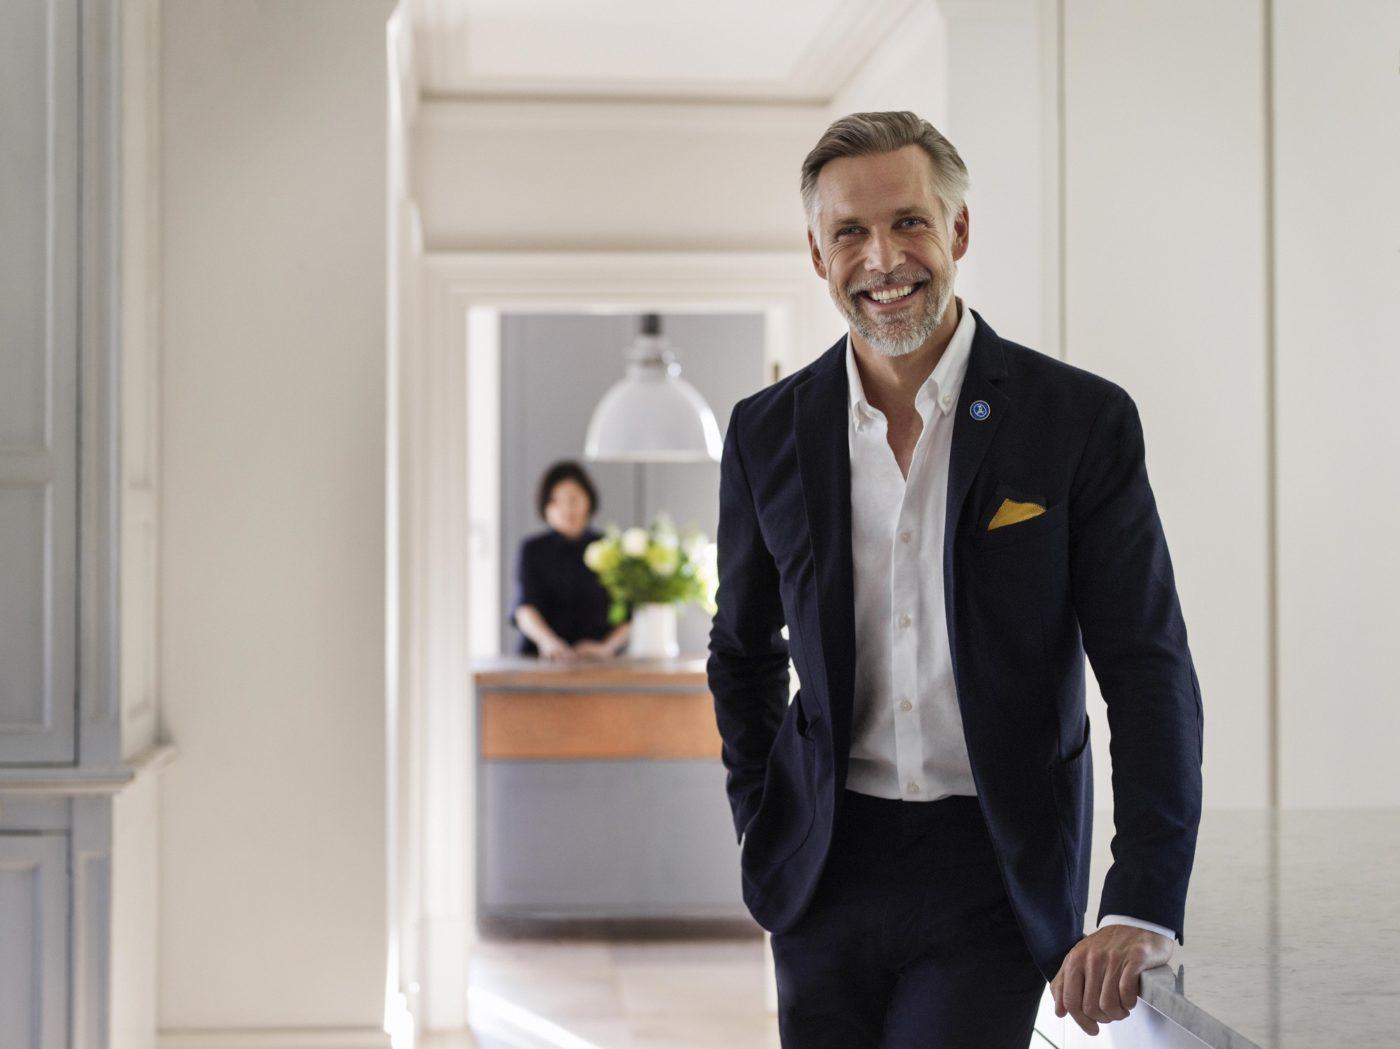 IHG, uomo sorridente pronto ad accogliere l'ospite in un hotel del nuovo brand voco